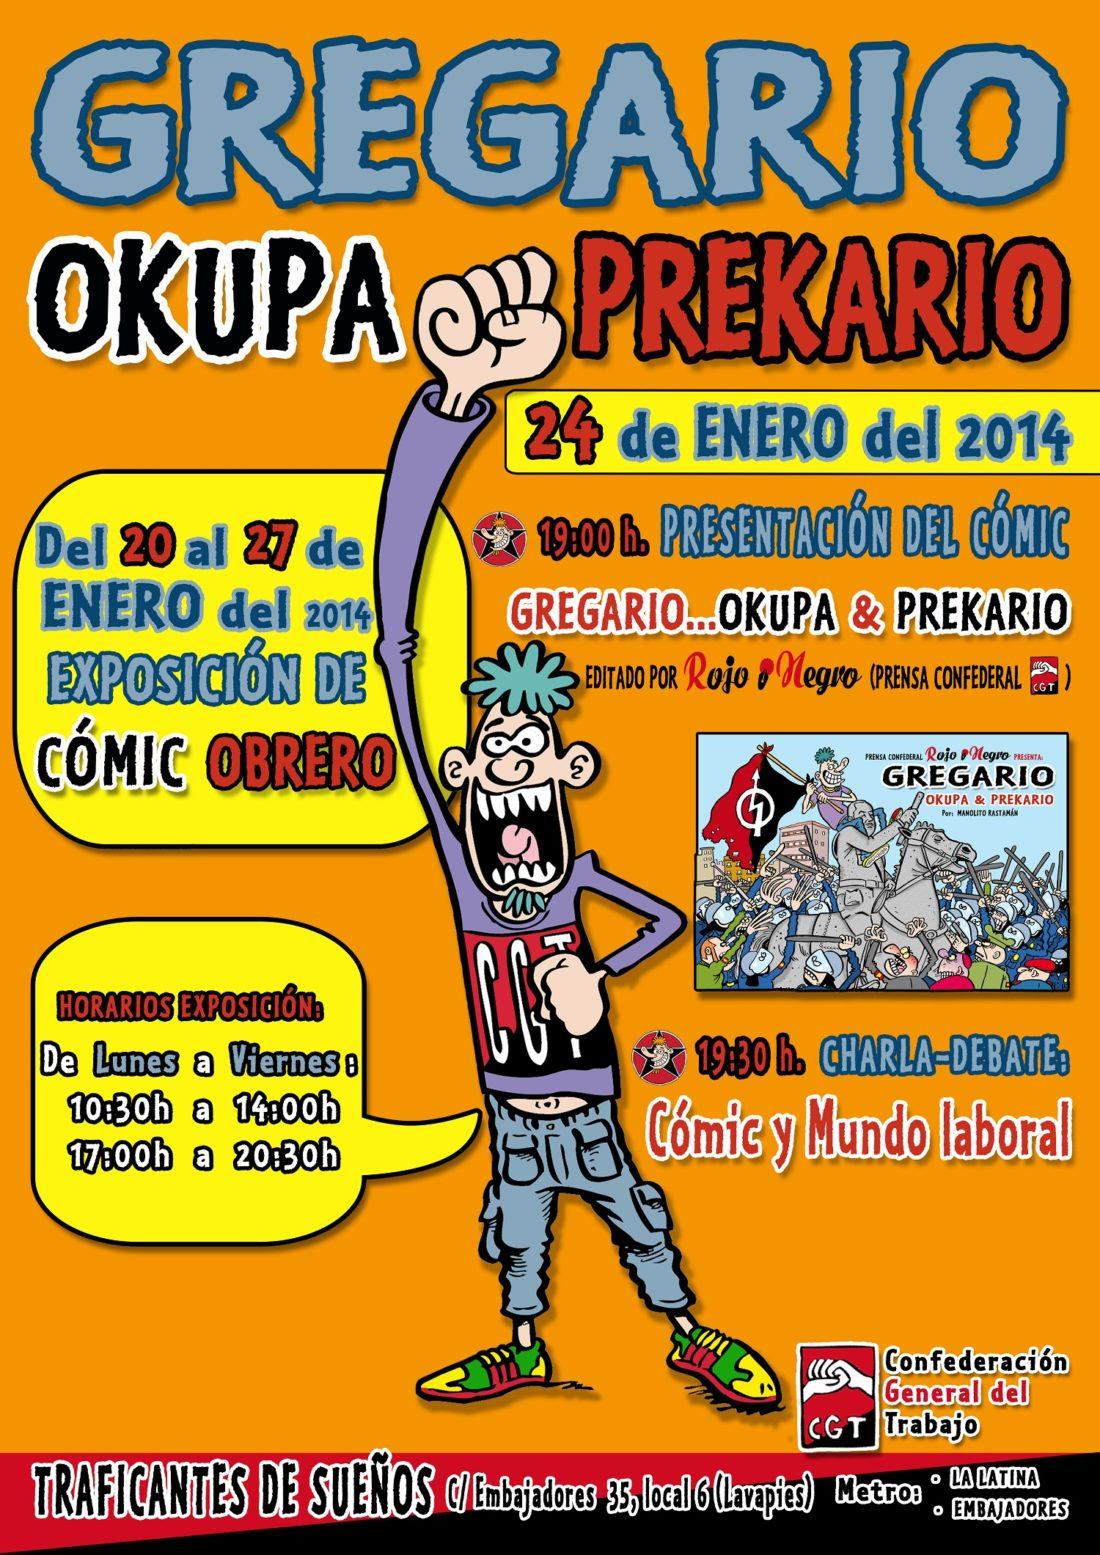 Presentación del cómic Gregario: okupa&prekario